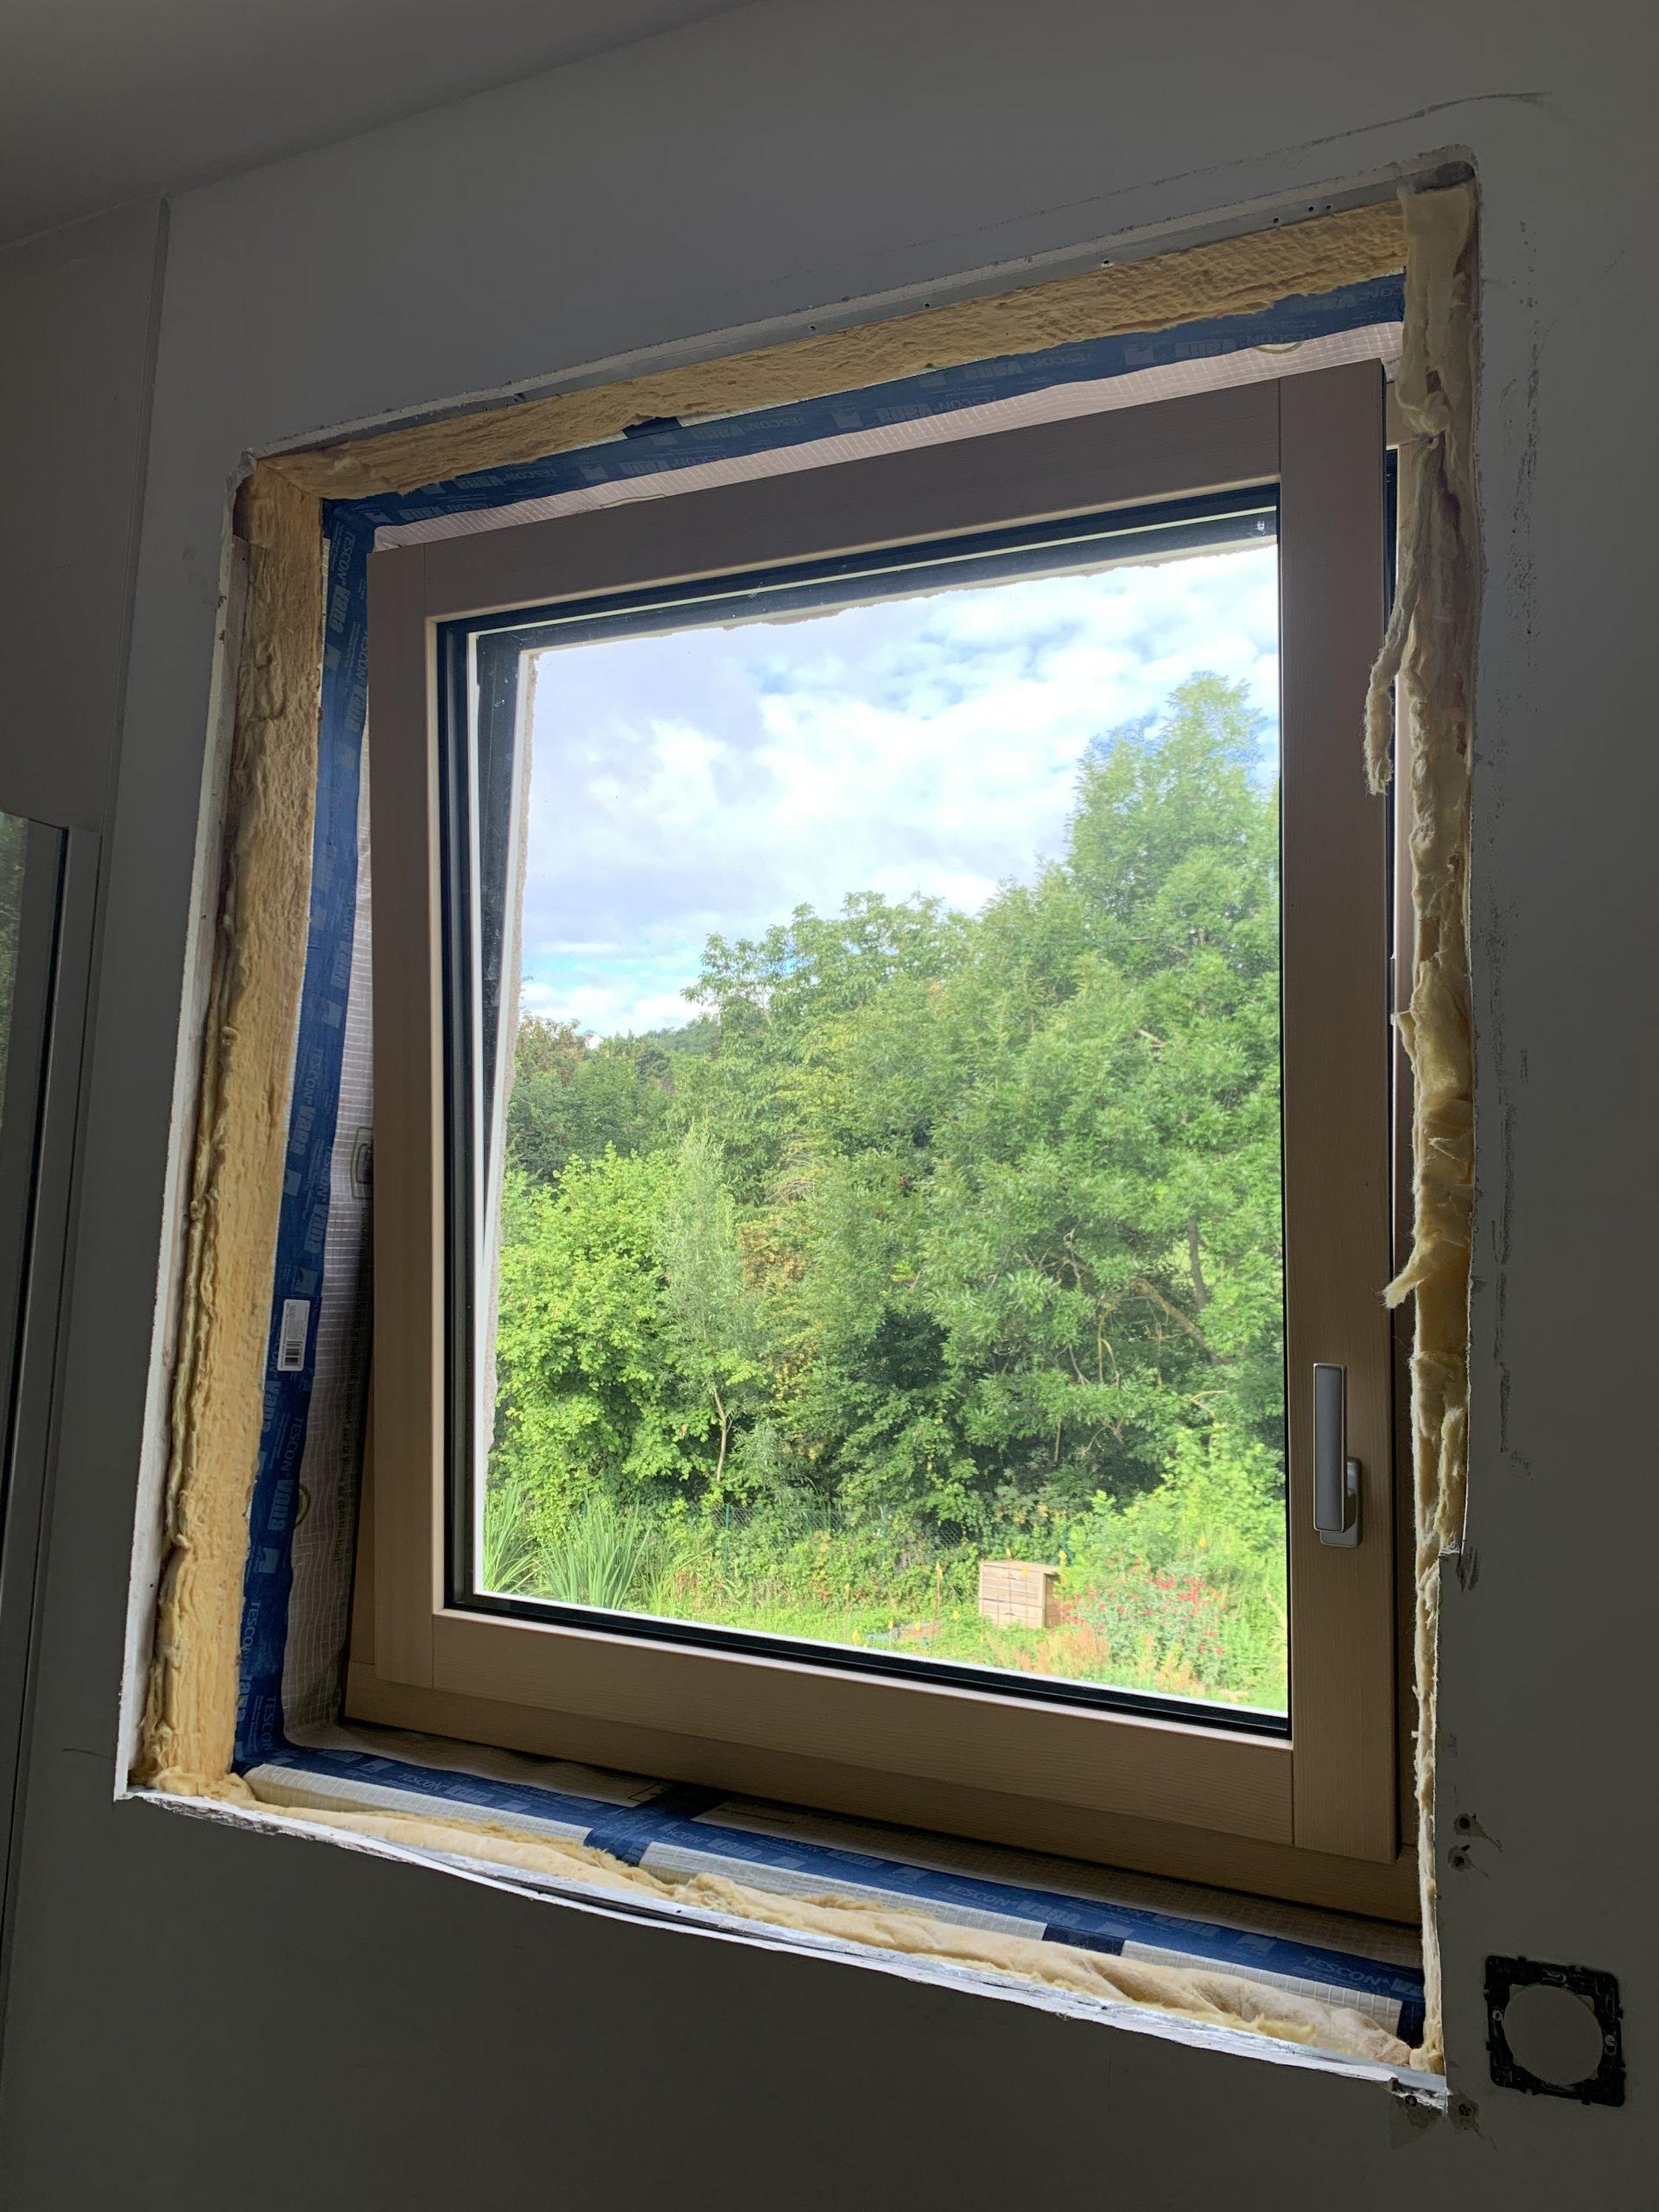 IMG 3969 scaled - Rénovation d'une maison passive